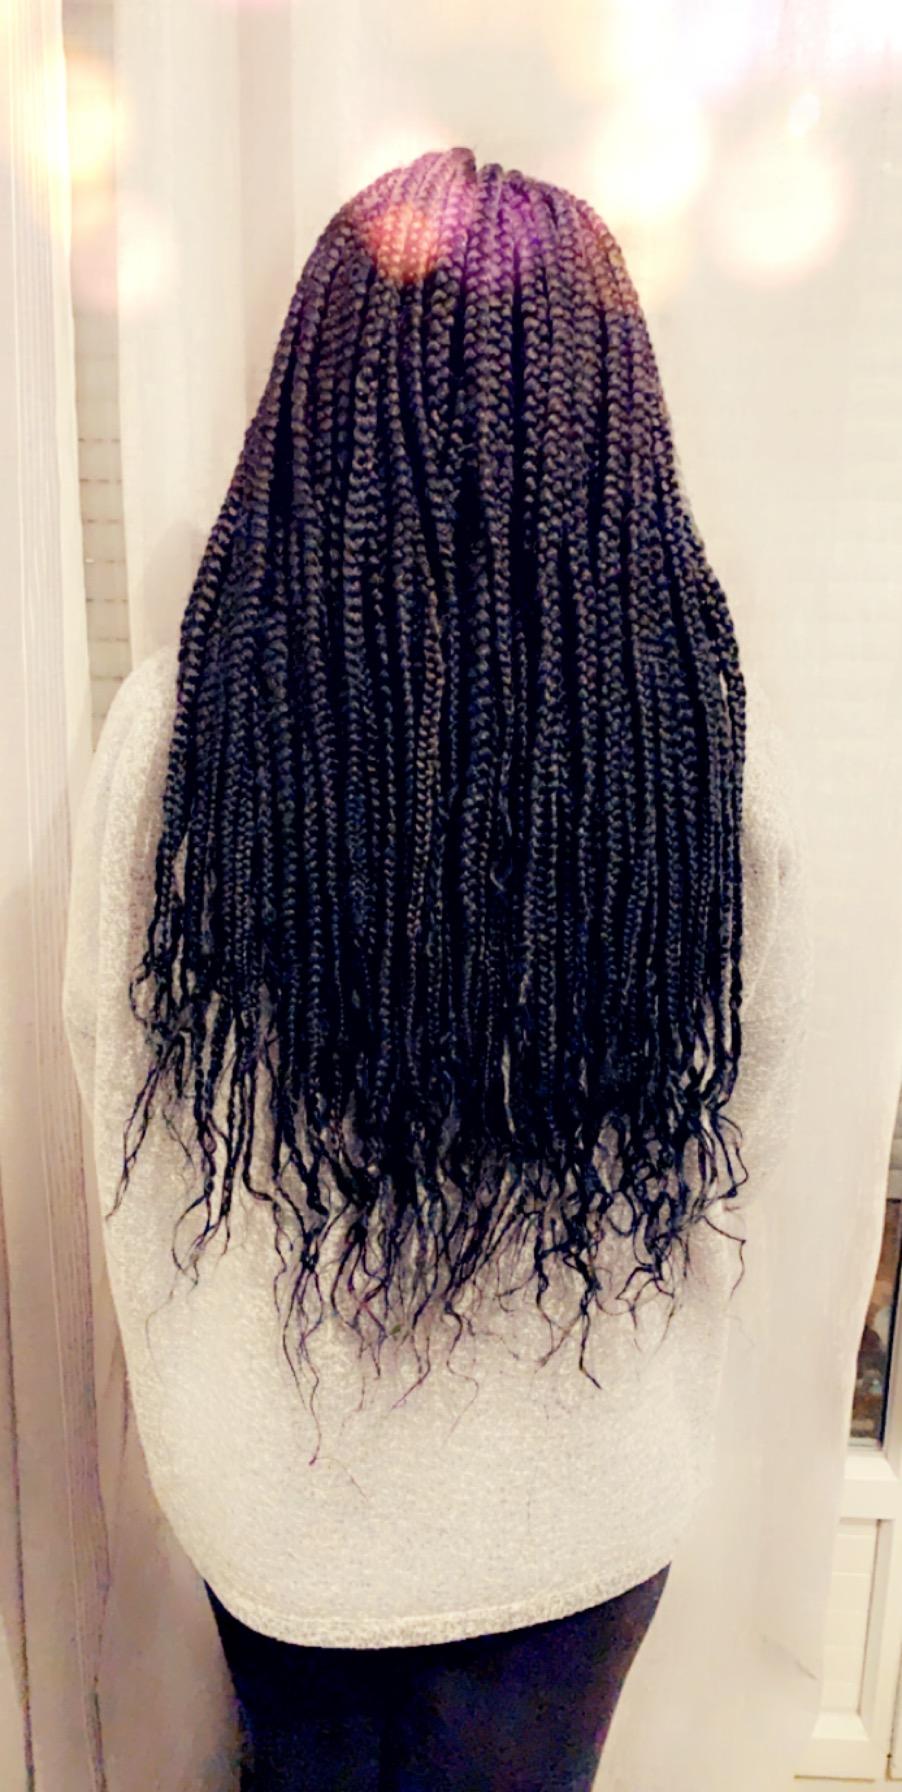 salon de coiffure afro tresse tresses box braids crochet braids vanilles tissages paris 75 77 78 91 92 93 94 95 UZQPCNCM